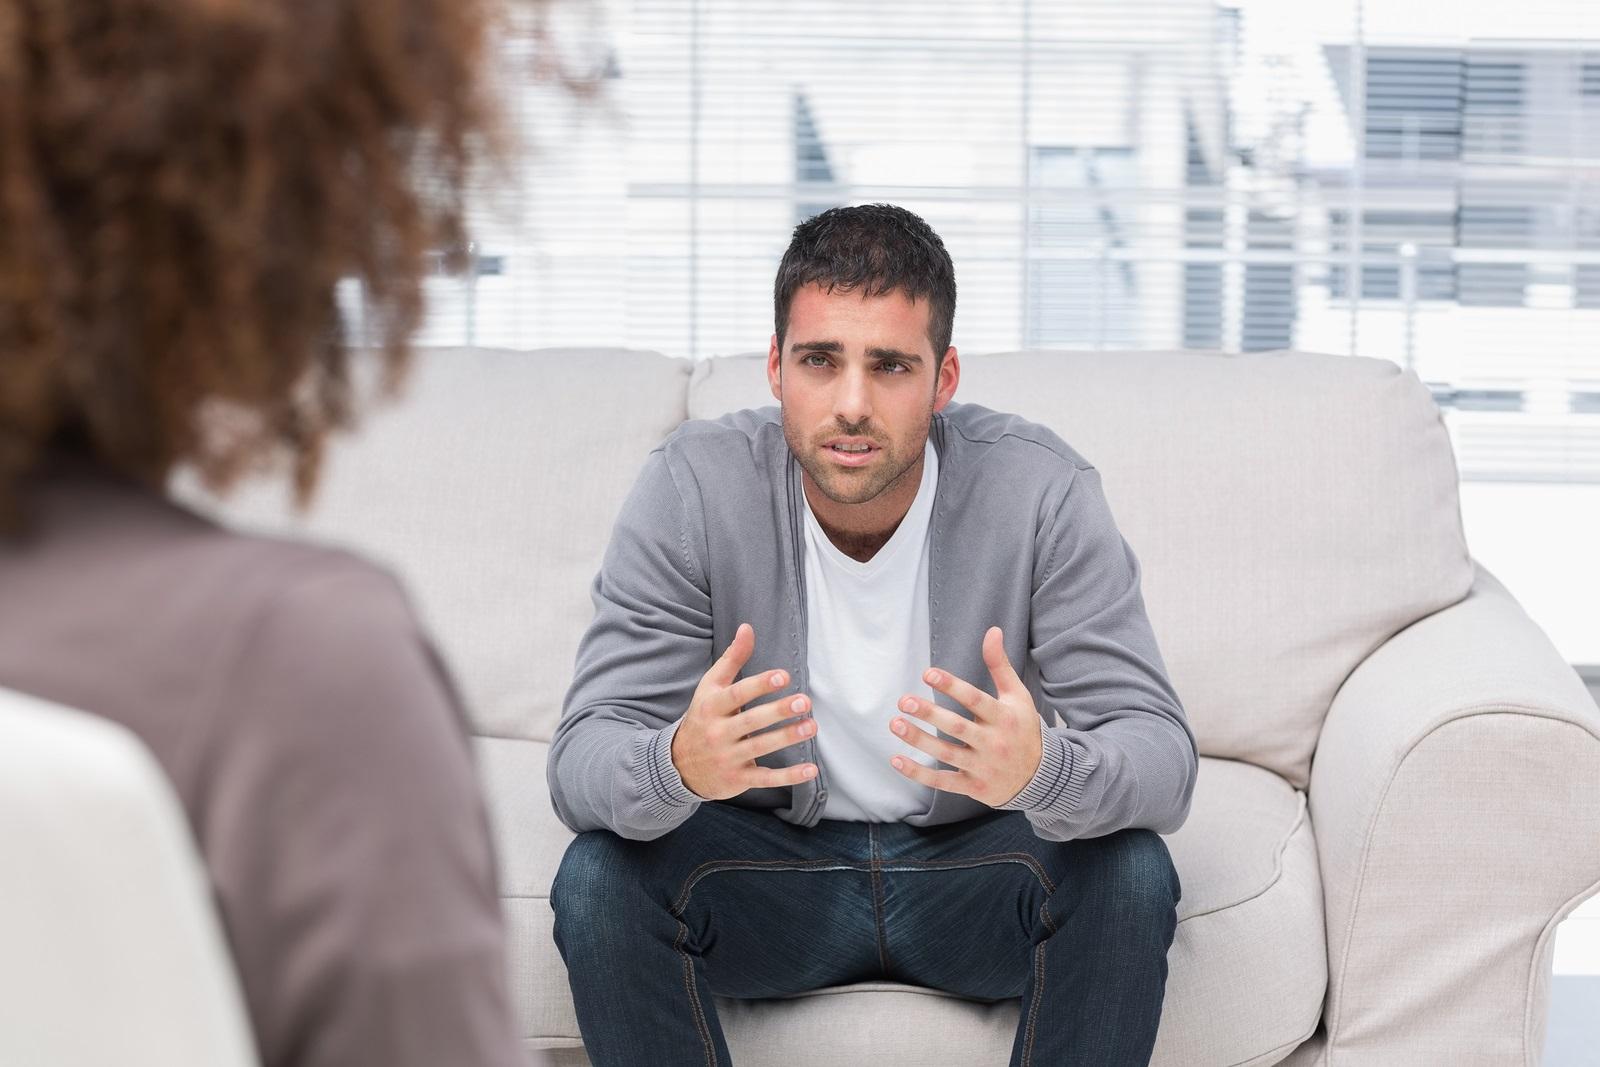 نقش مشاوره درکاهش بحران ها